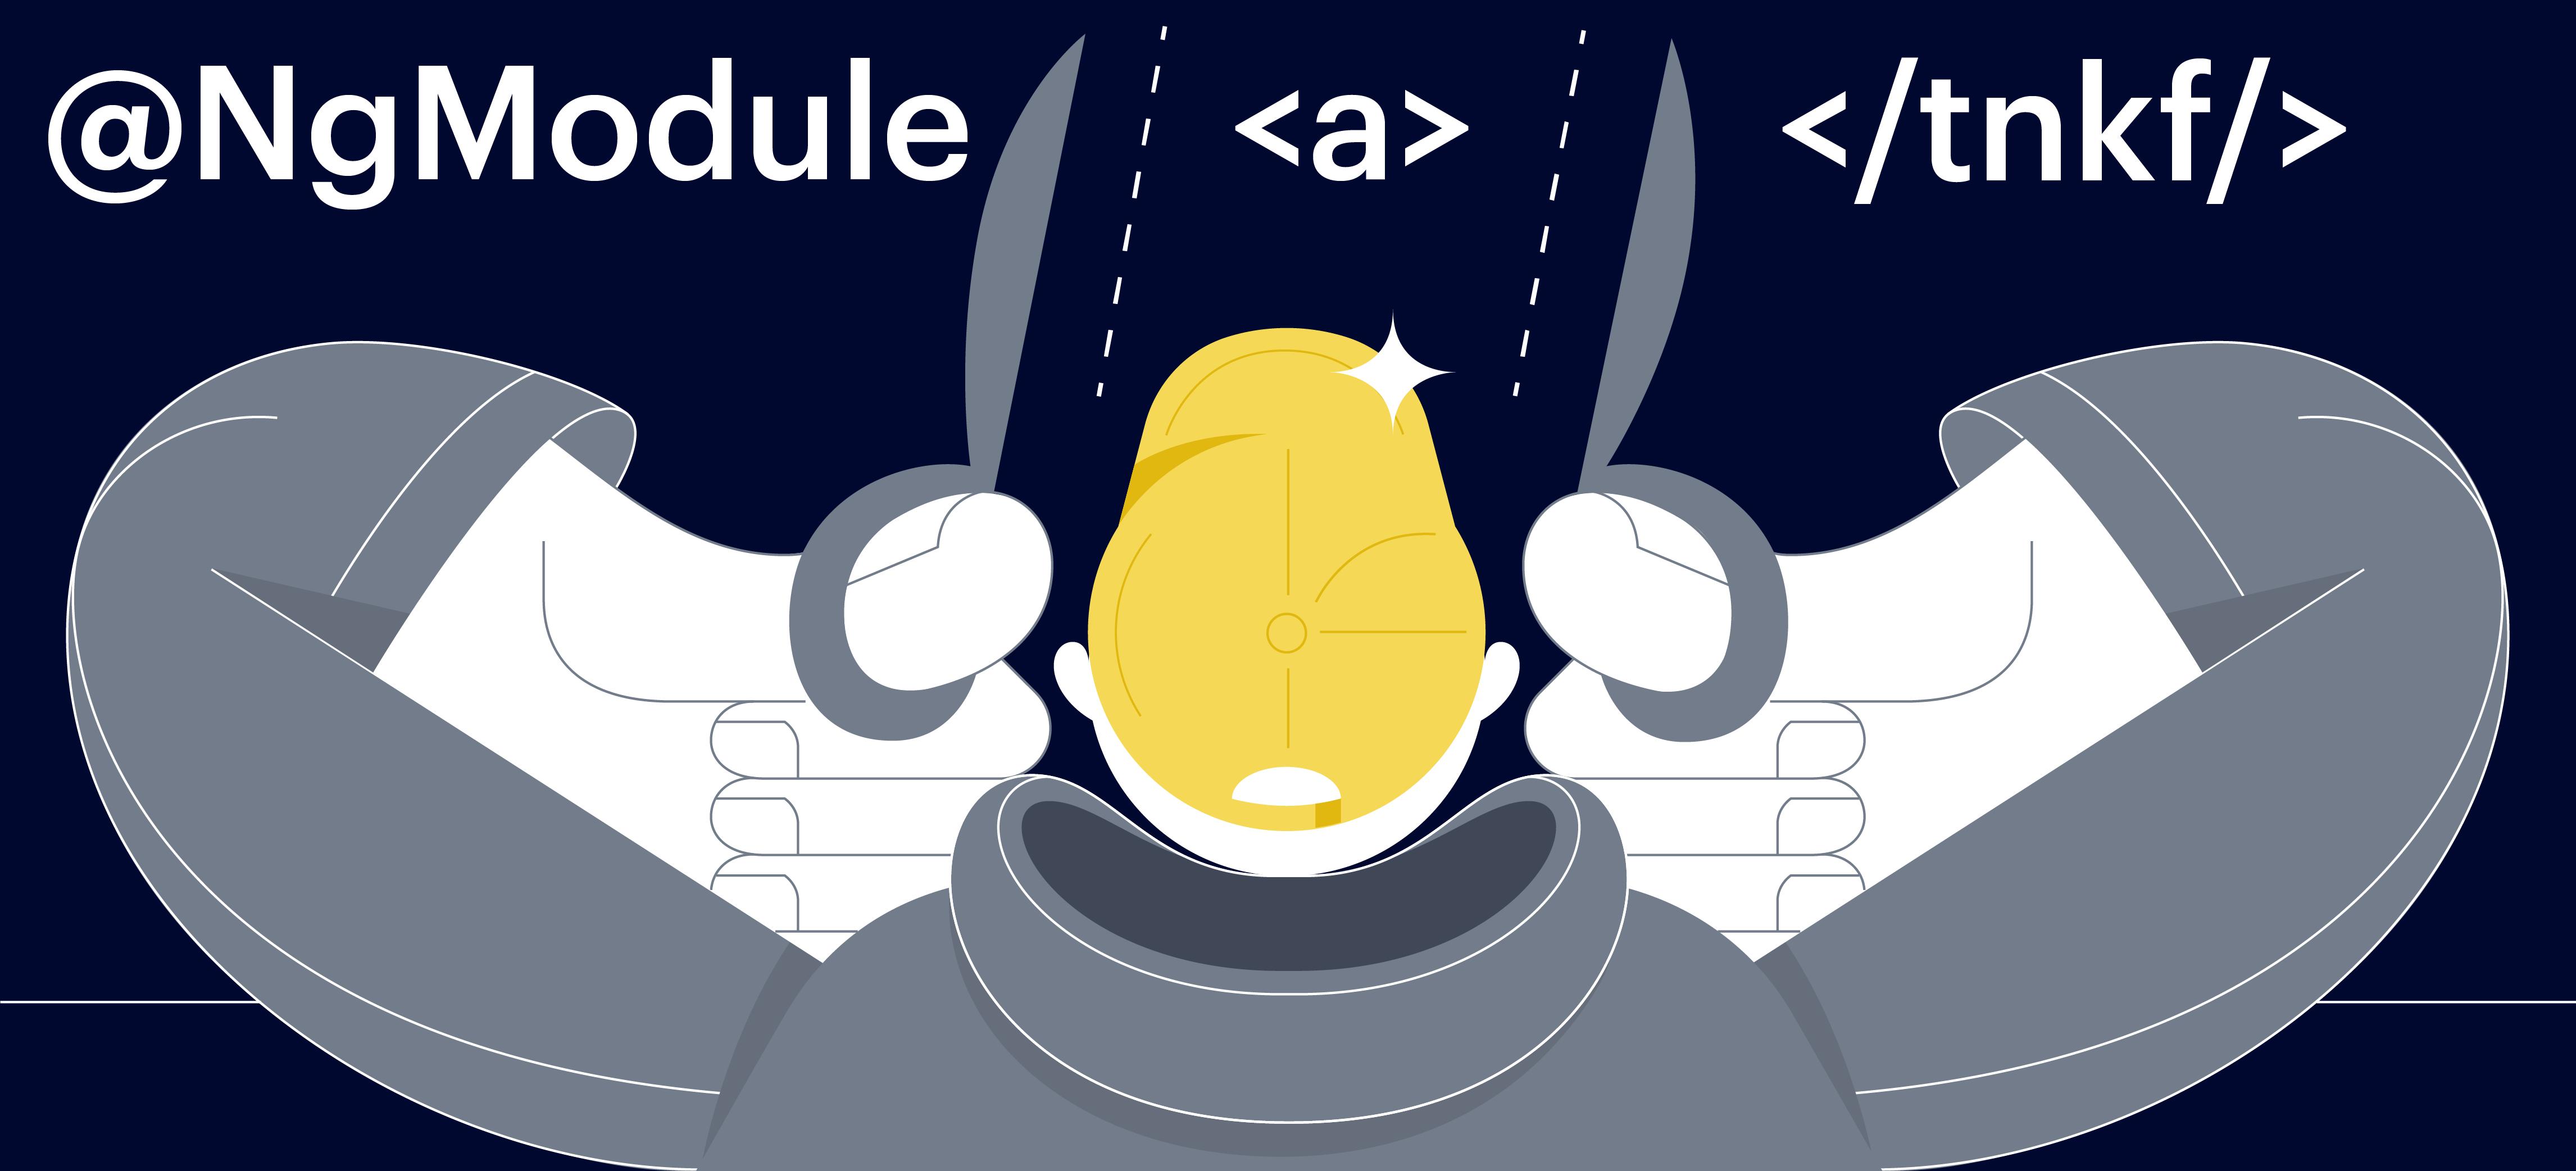 Подходы к управлению модулями в Angular (и не только) - 1